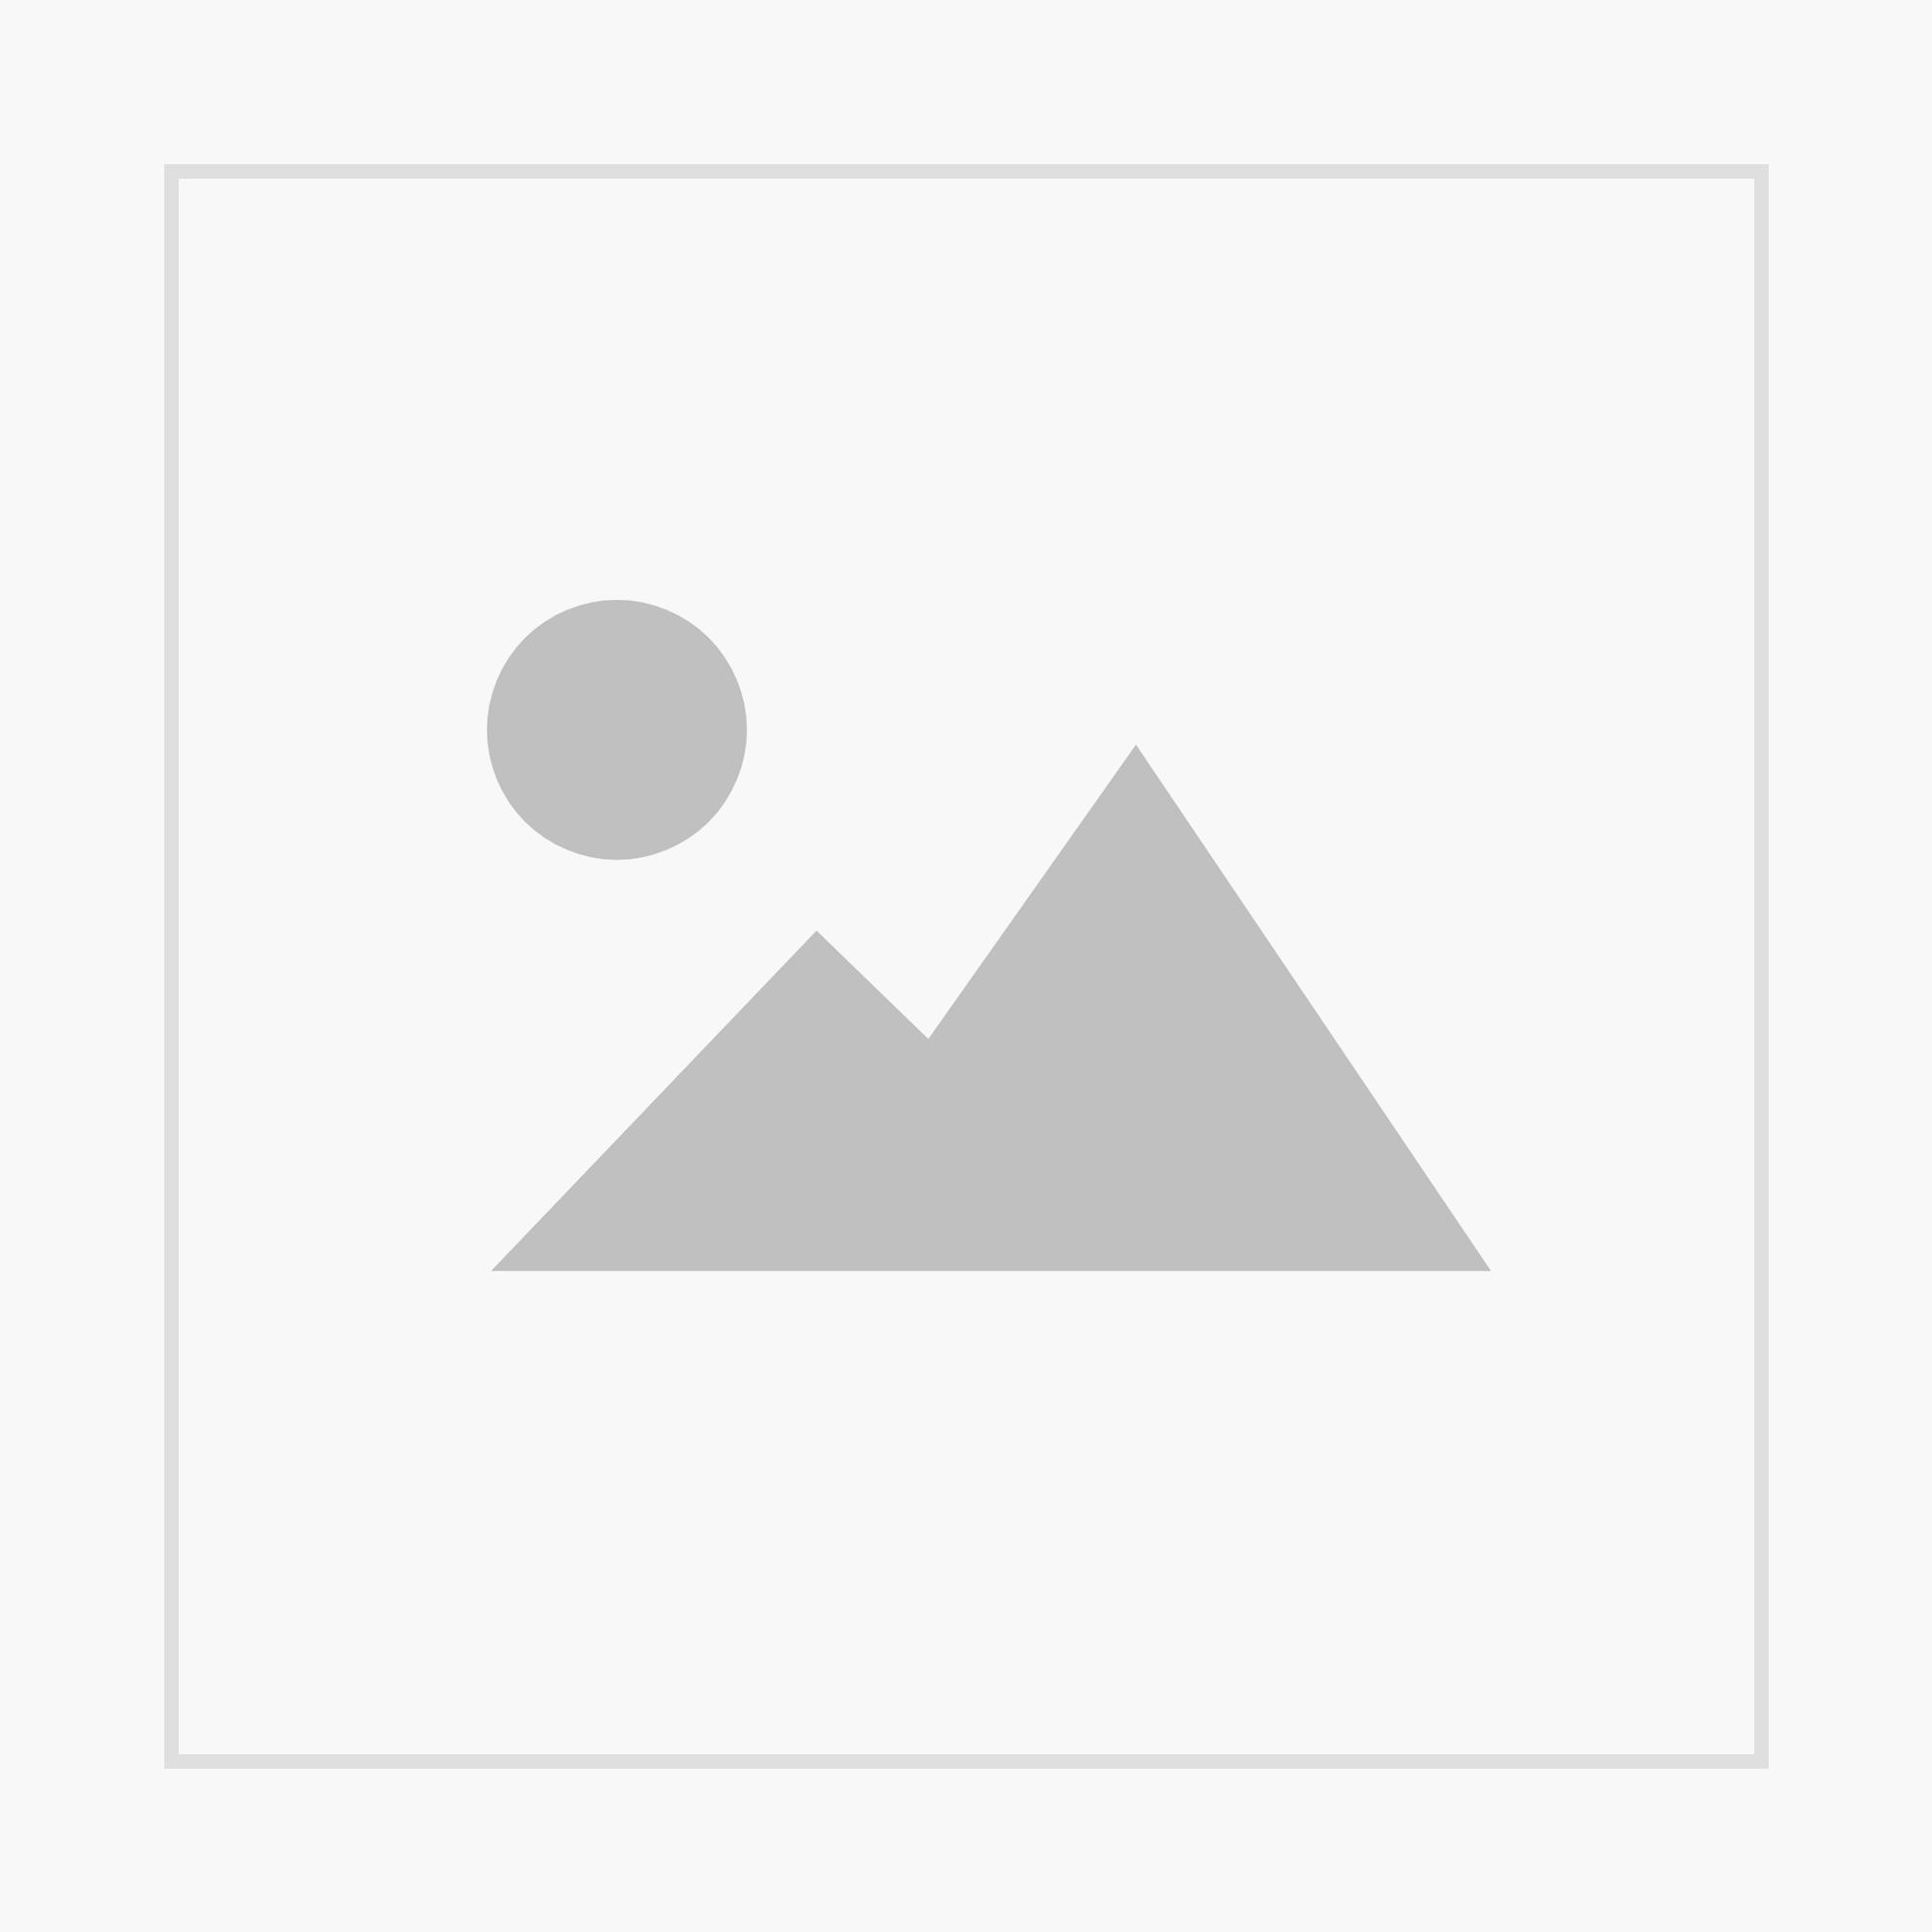 hygge 11 (02/2019)